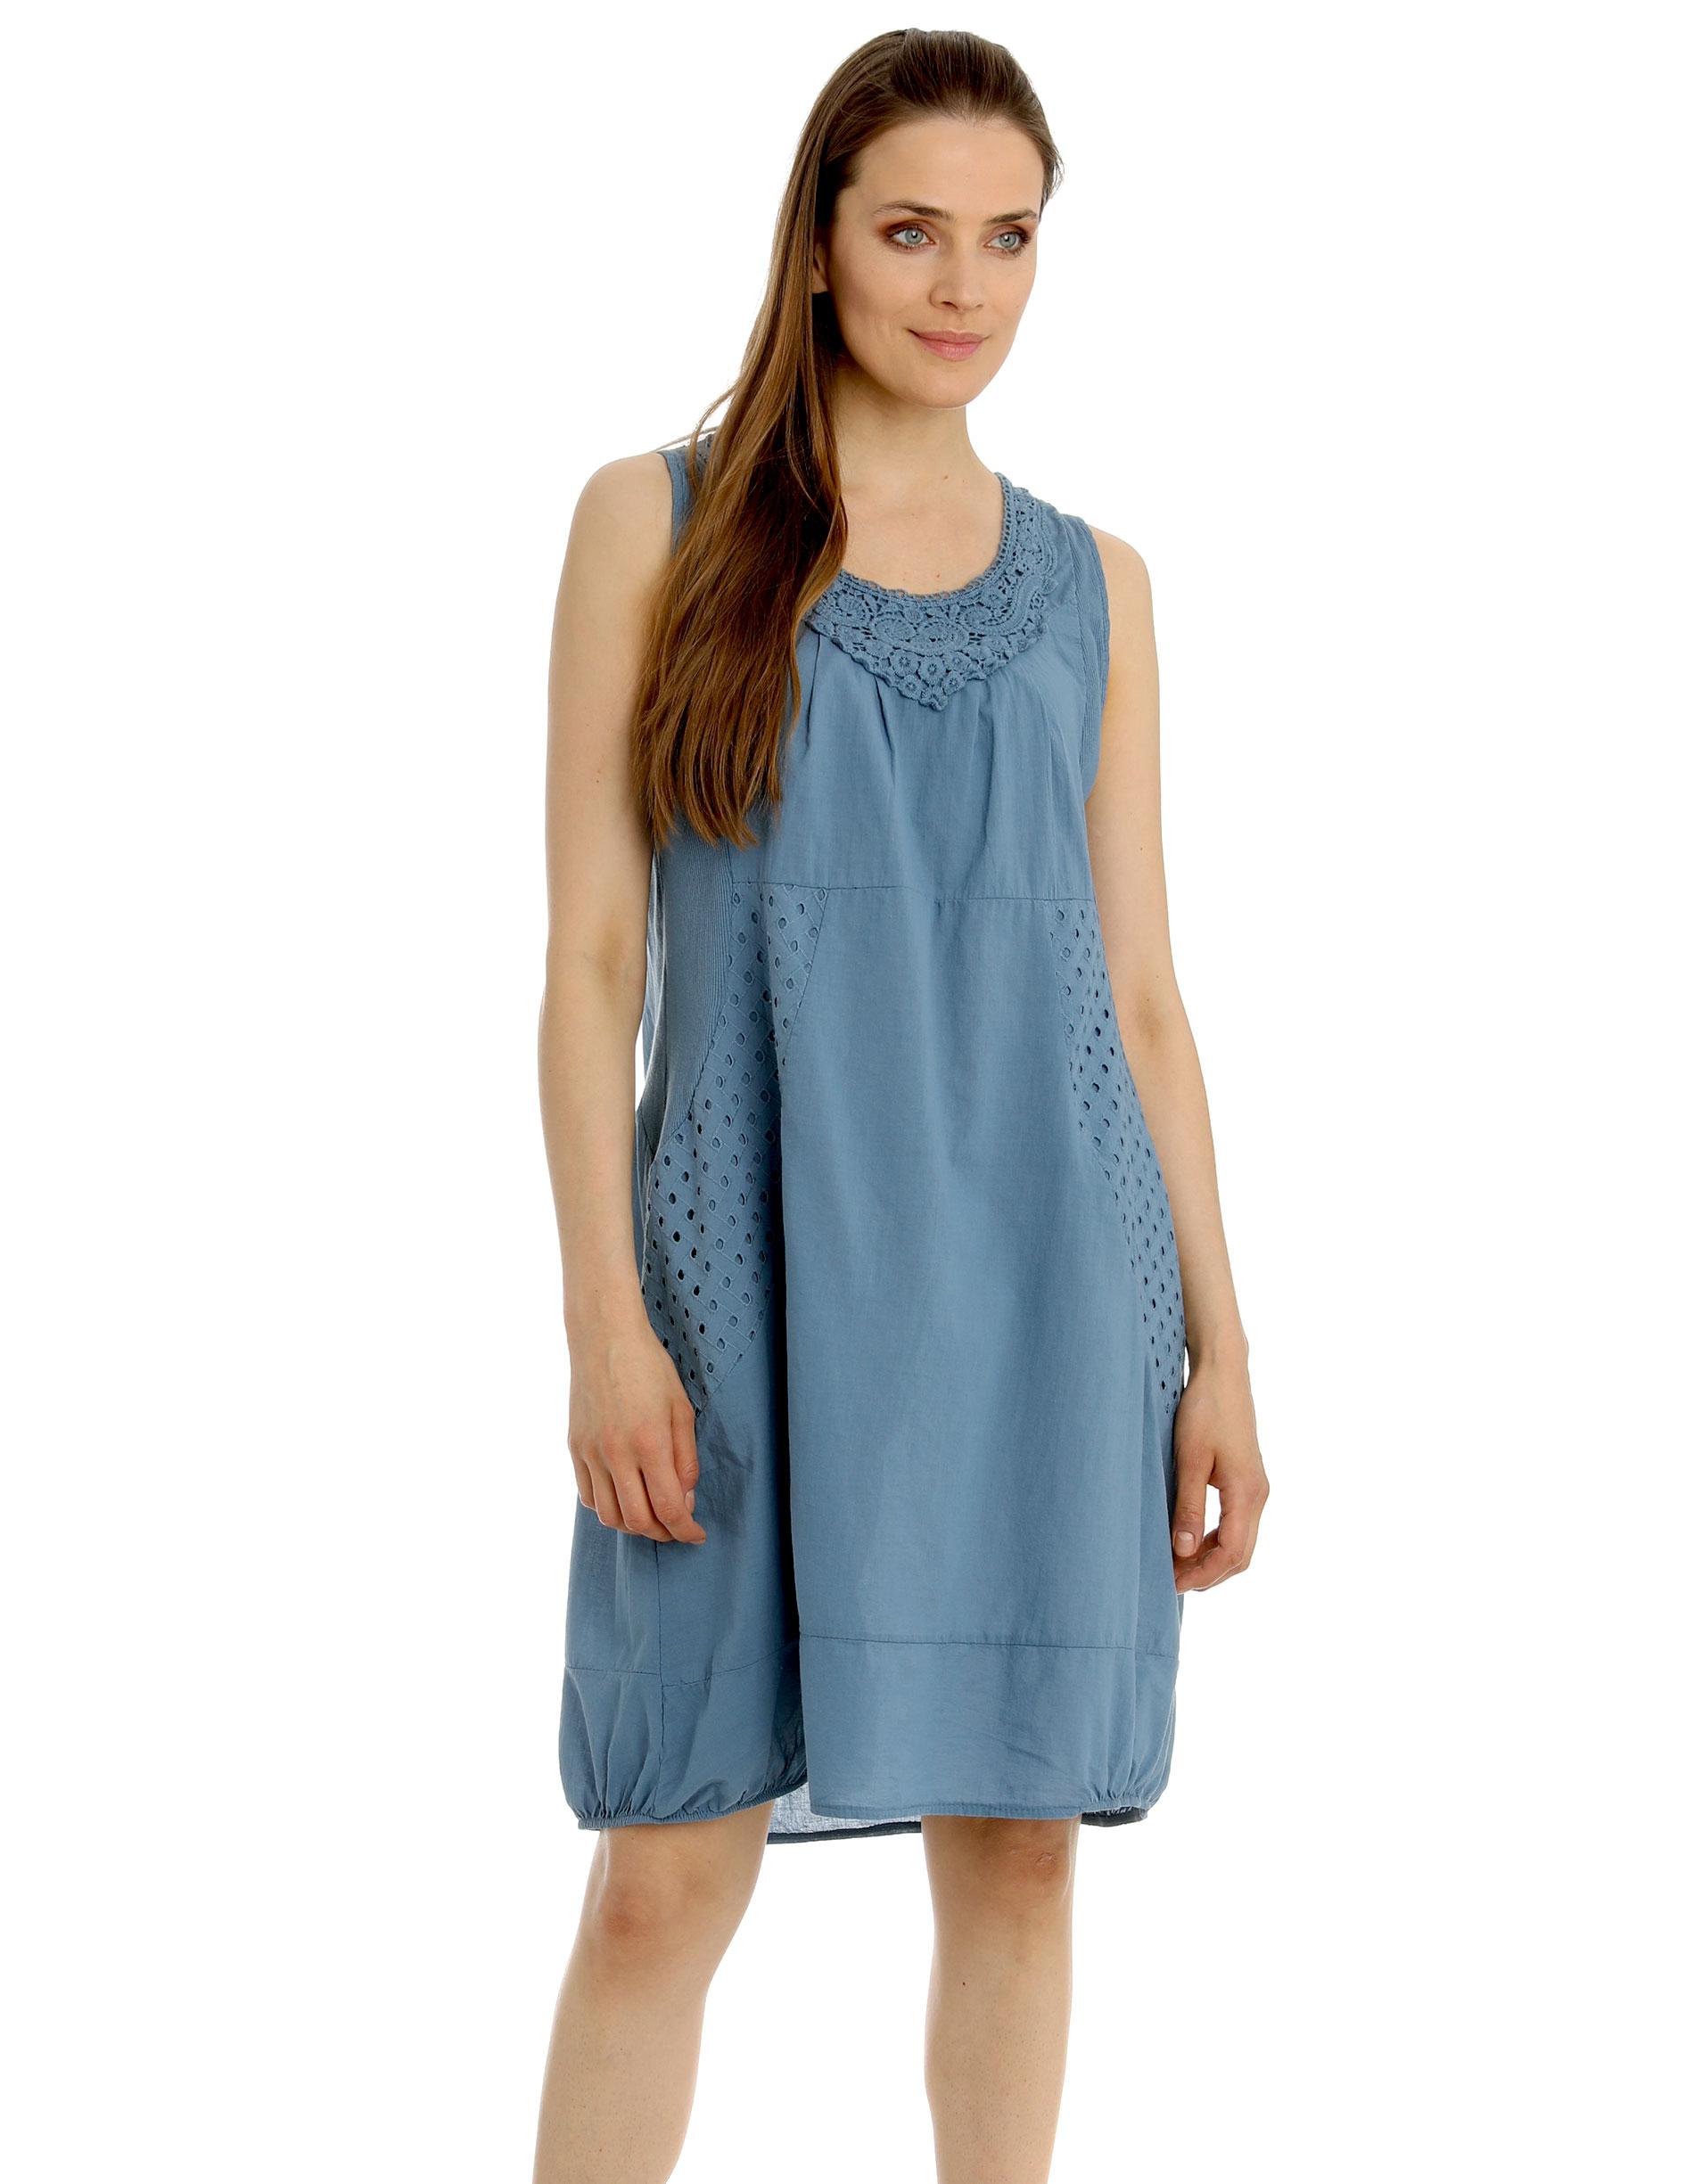 Sukienka - 15-2644 JEW17 - Unisono